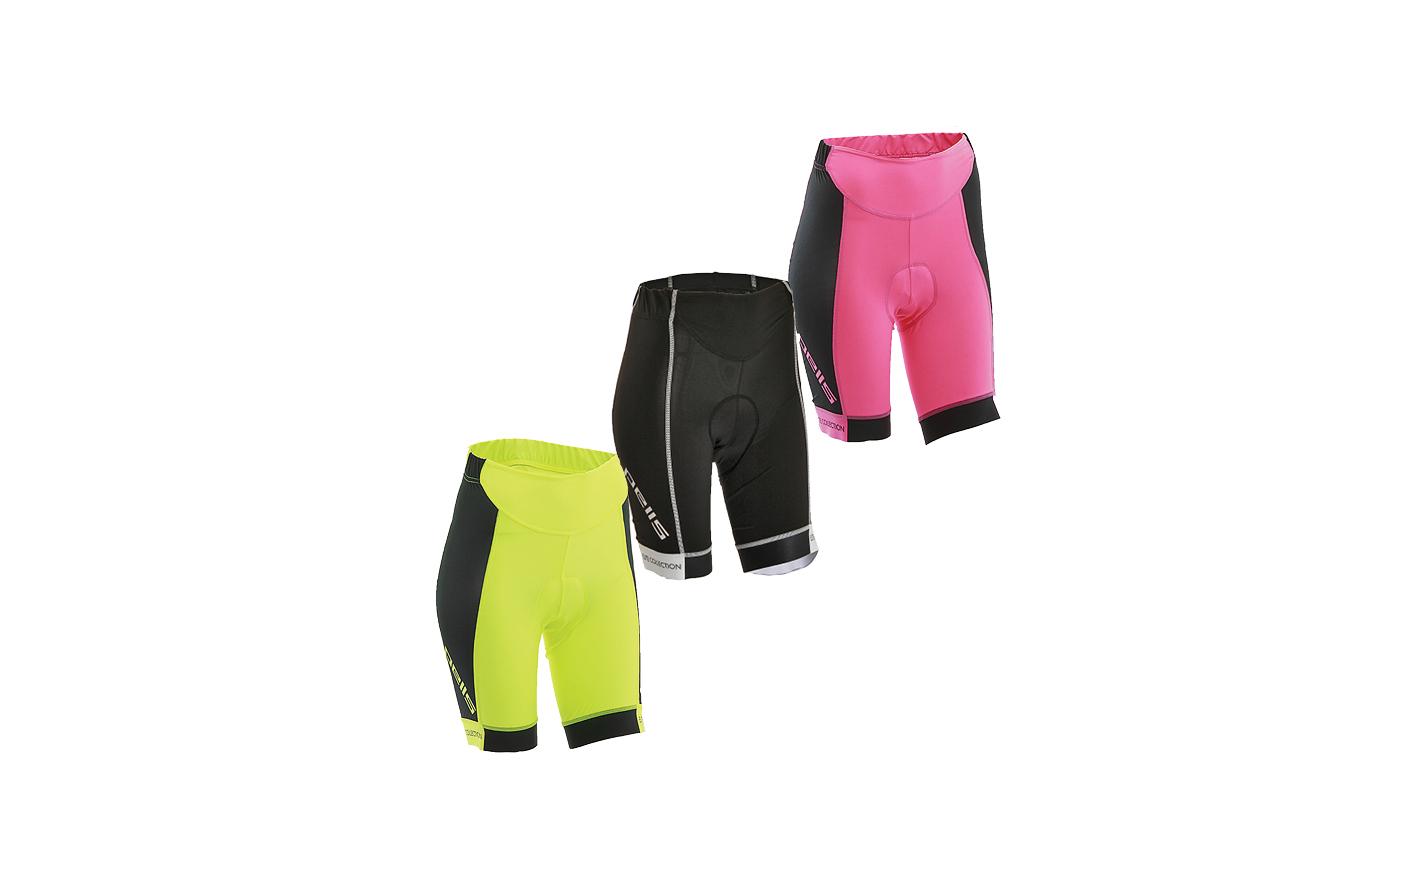 Dámské kraťasy PELL'S POWER Lady, vel. XL, růžová - ZDARMA dopravné! (Dámské cyklistické kraťasy PELL'S, vel. XL, barva růžová dle vyobrazení!)